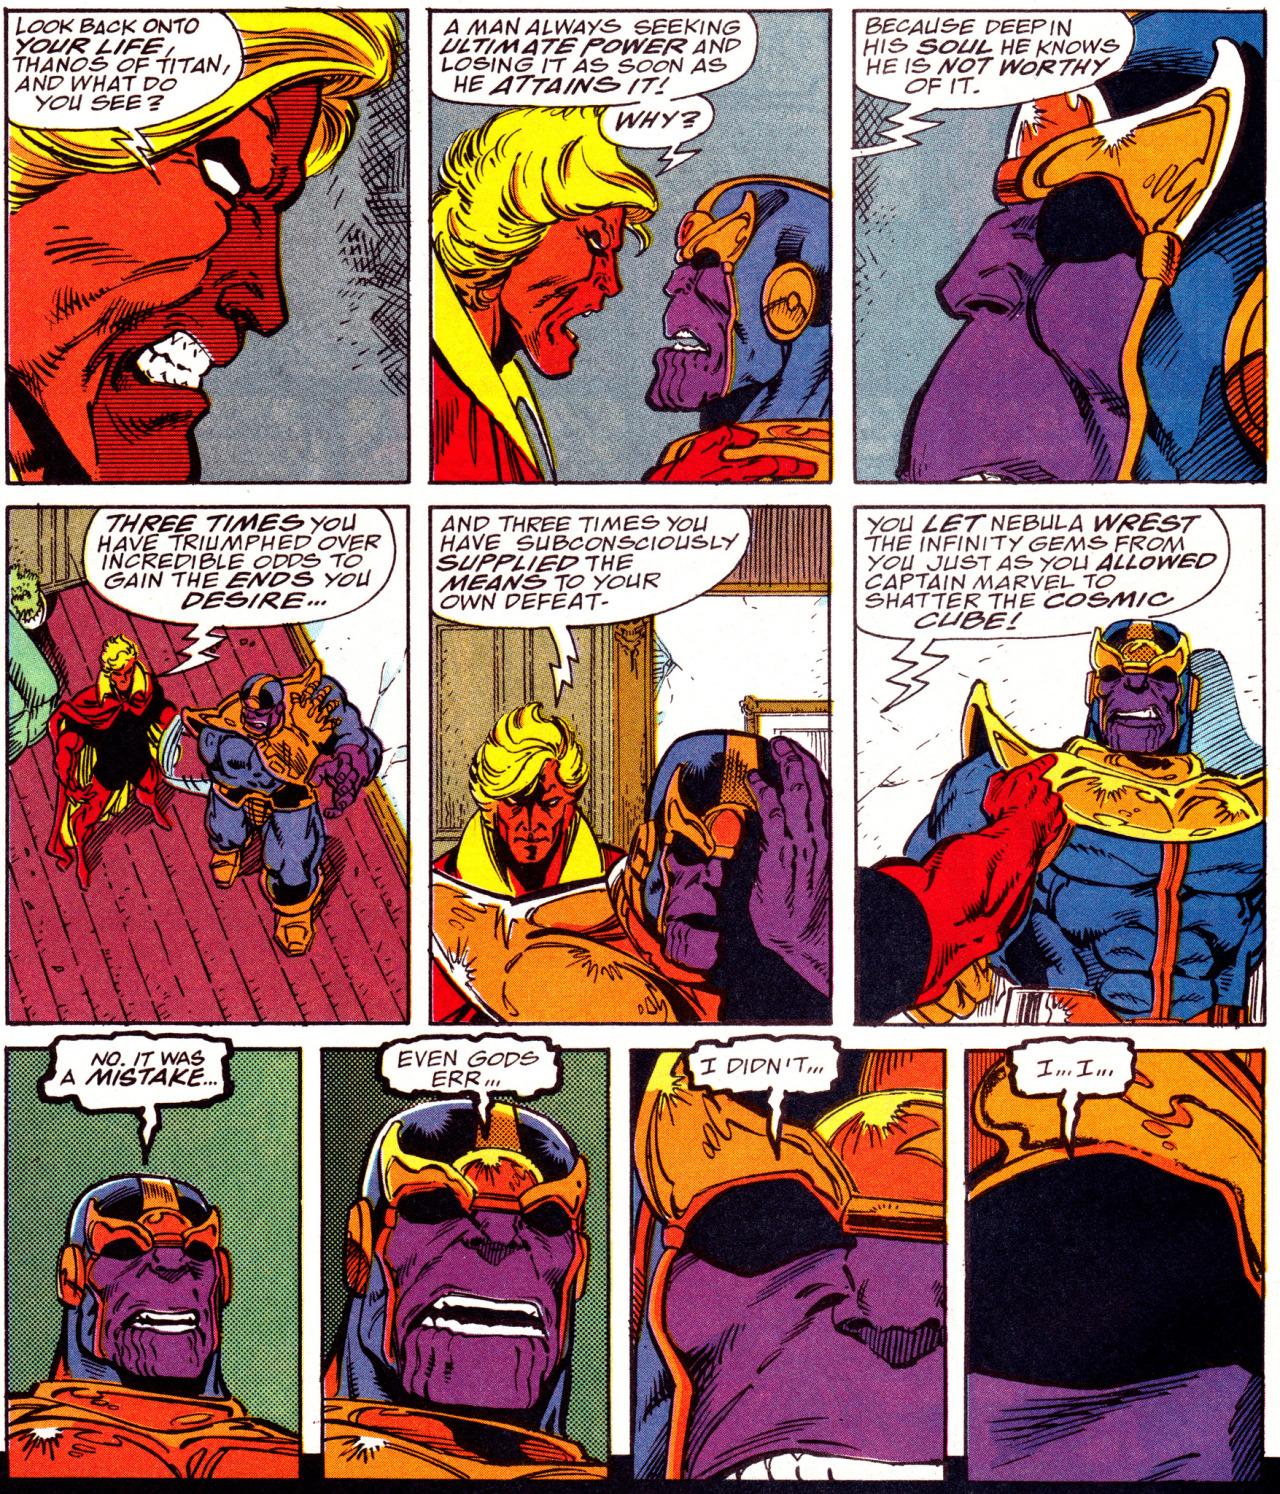 marvel comics le gant de l'infini